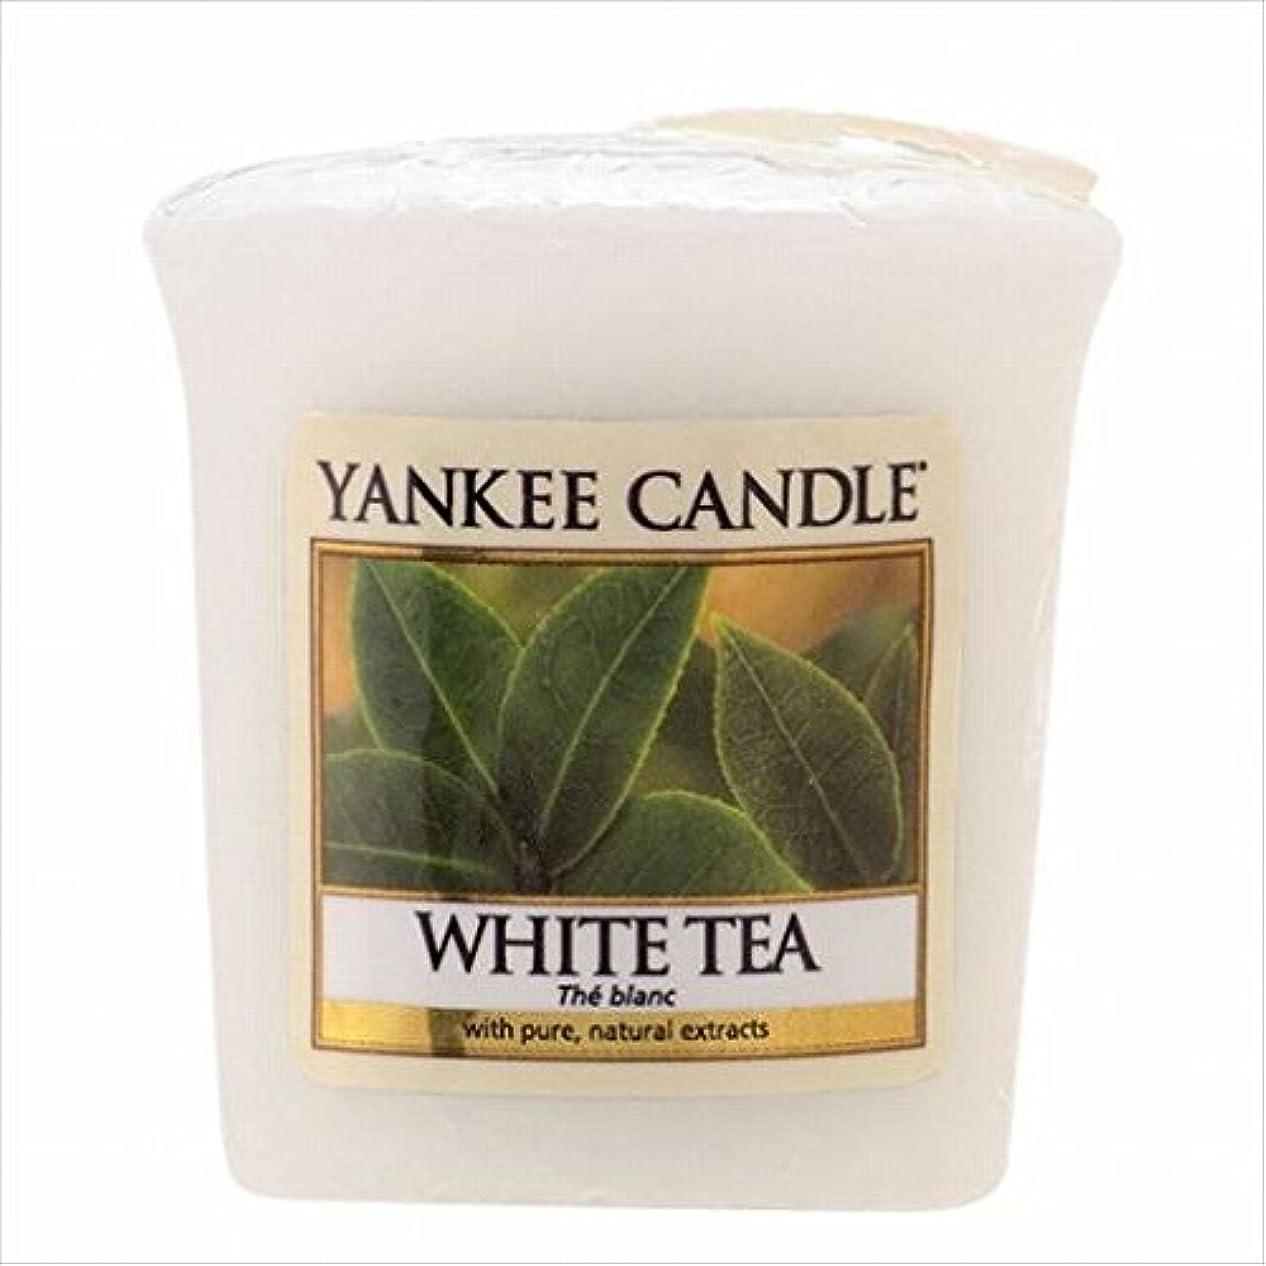 ファッションほこりっぽいのためYANKEE CANDLE(ヤンキーキャンドル) YANKEE CANDLE サンプラー 「 ホワイトティー 」6個セット(K00105277)